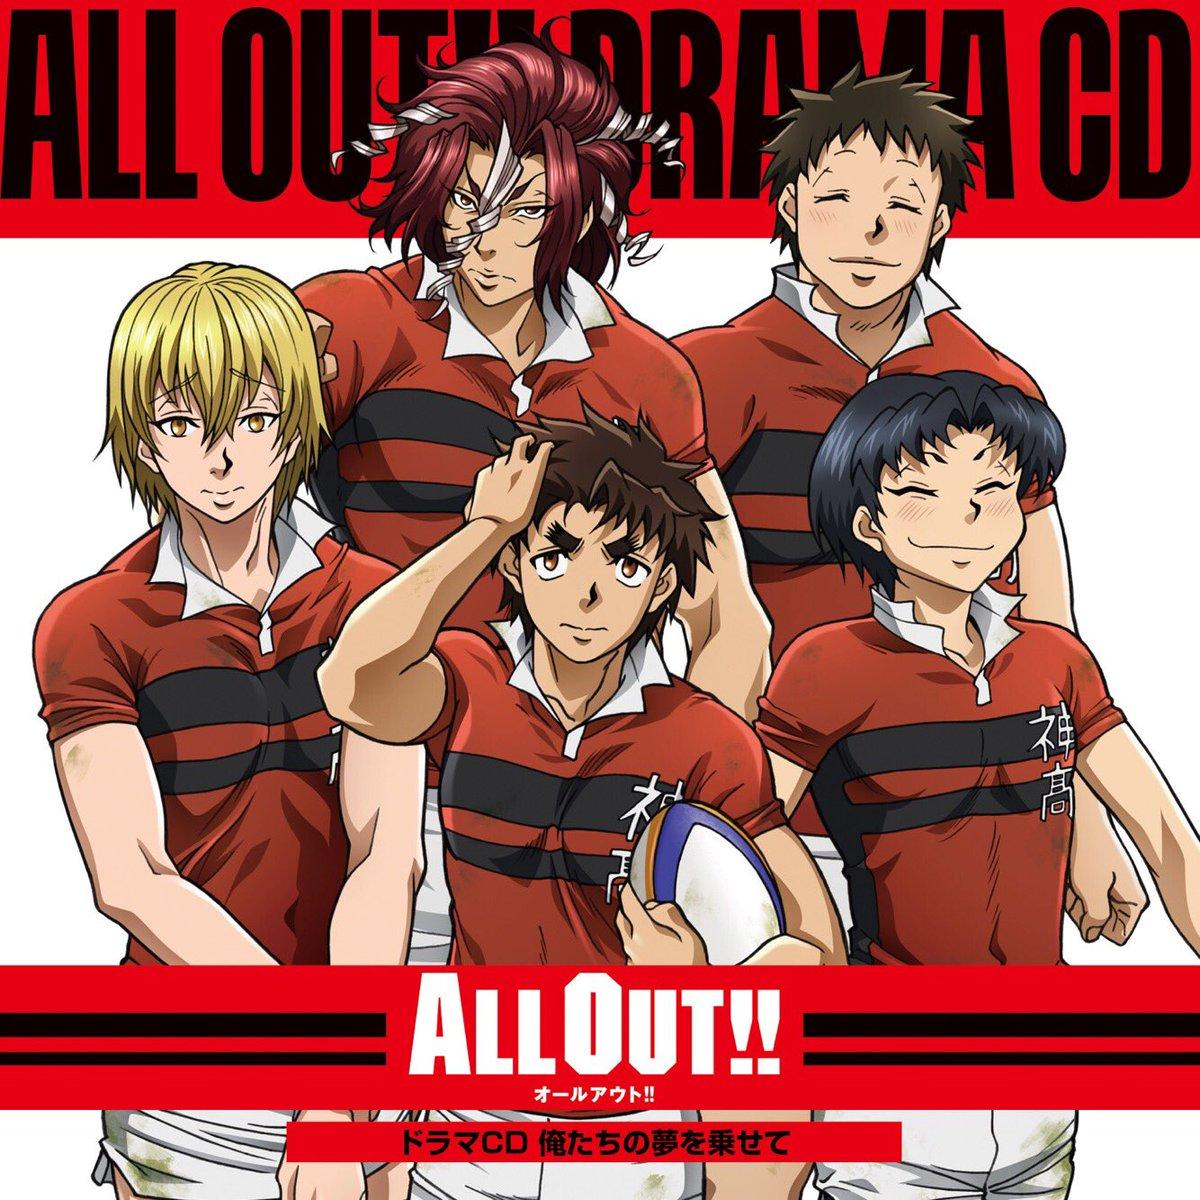 【本日発売】ティームエンタテインメントより「ALL OUT!! ドラマCD 俺たちの夢を乗せて」が発売となりました!シナ